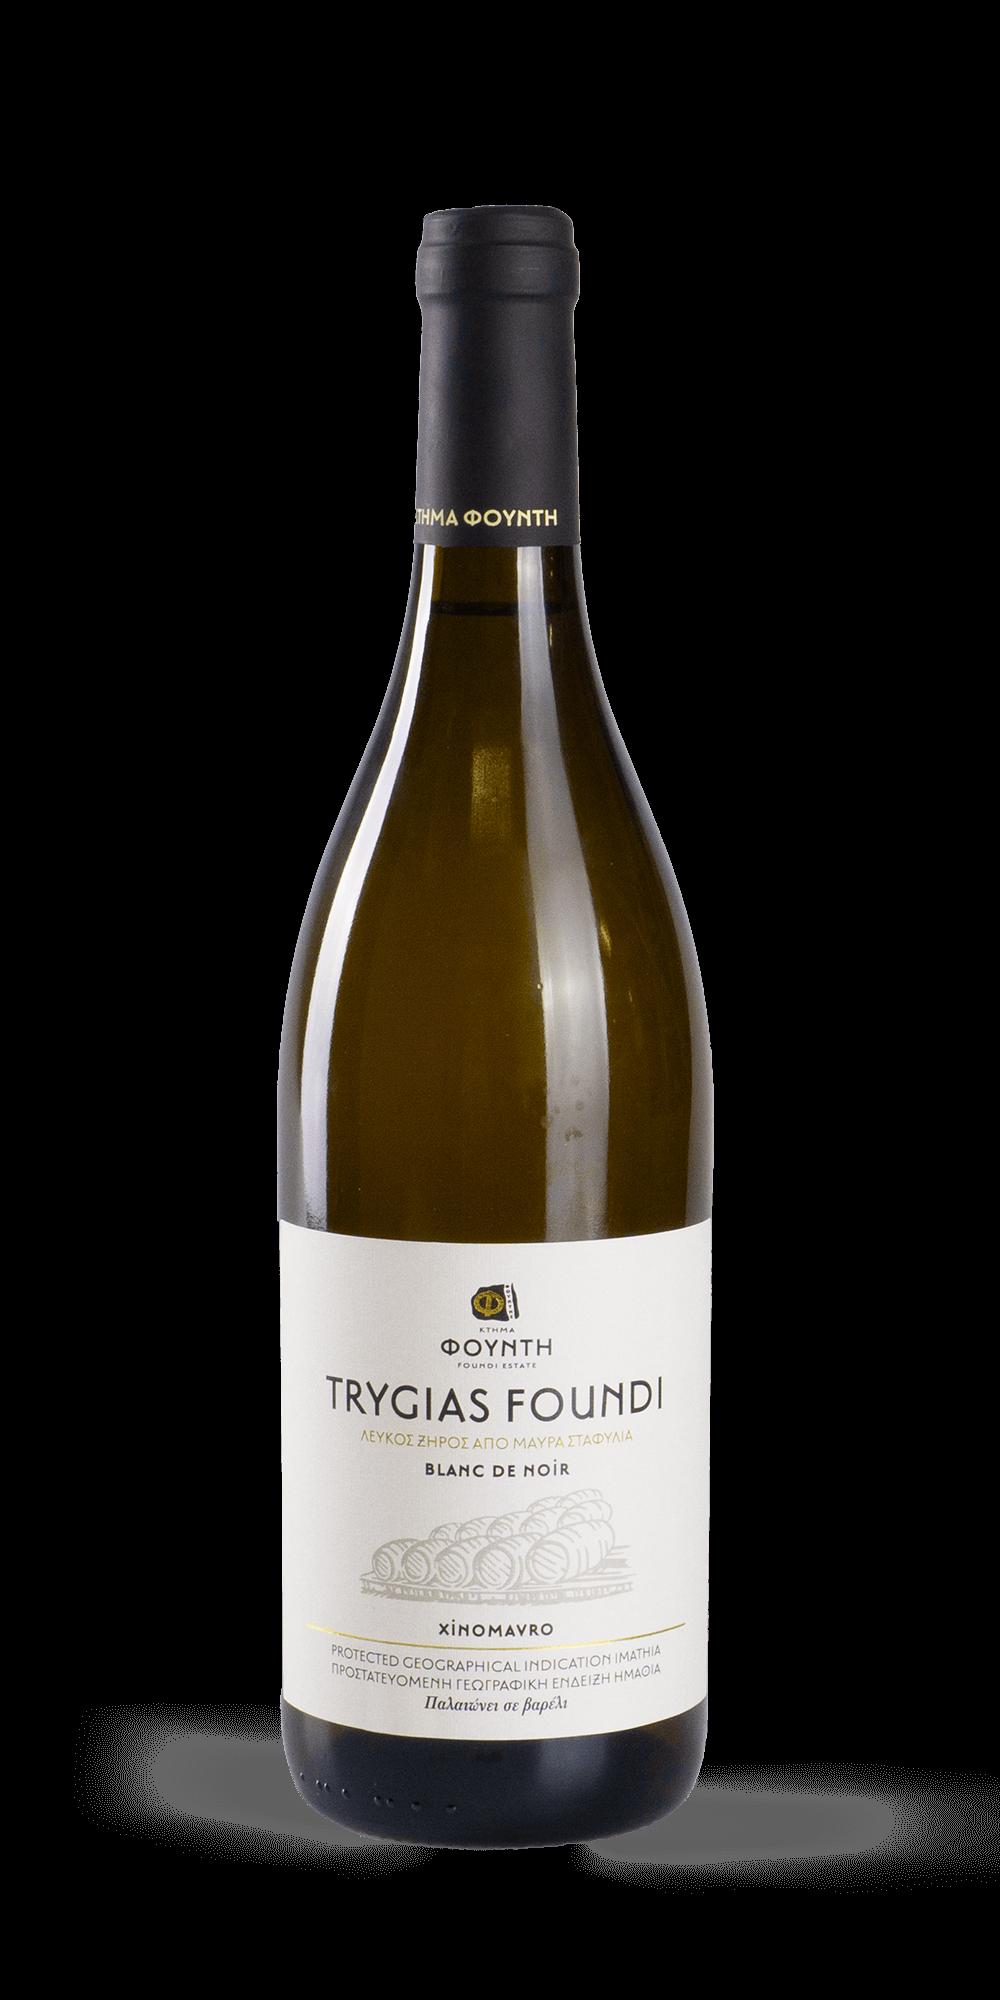 Trygias Foundi 2017